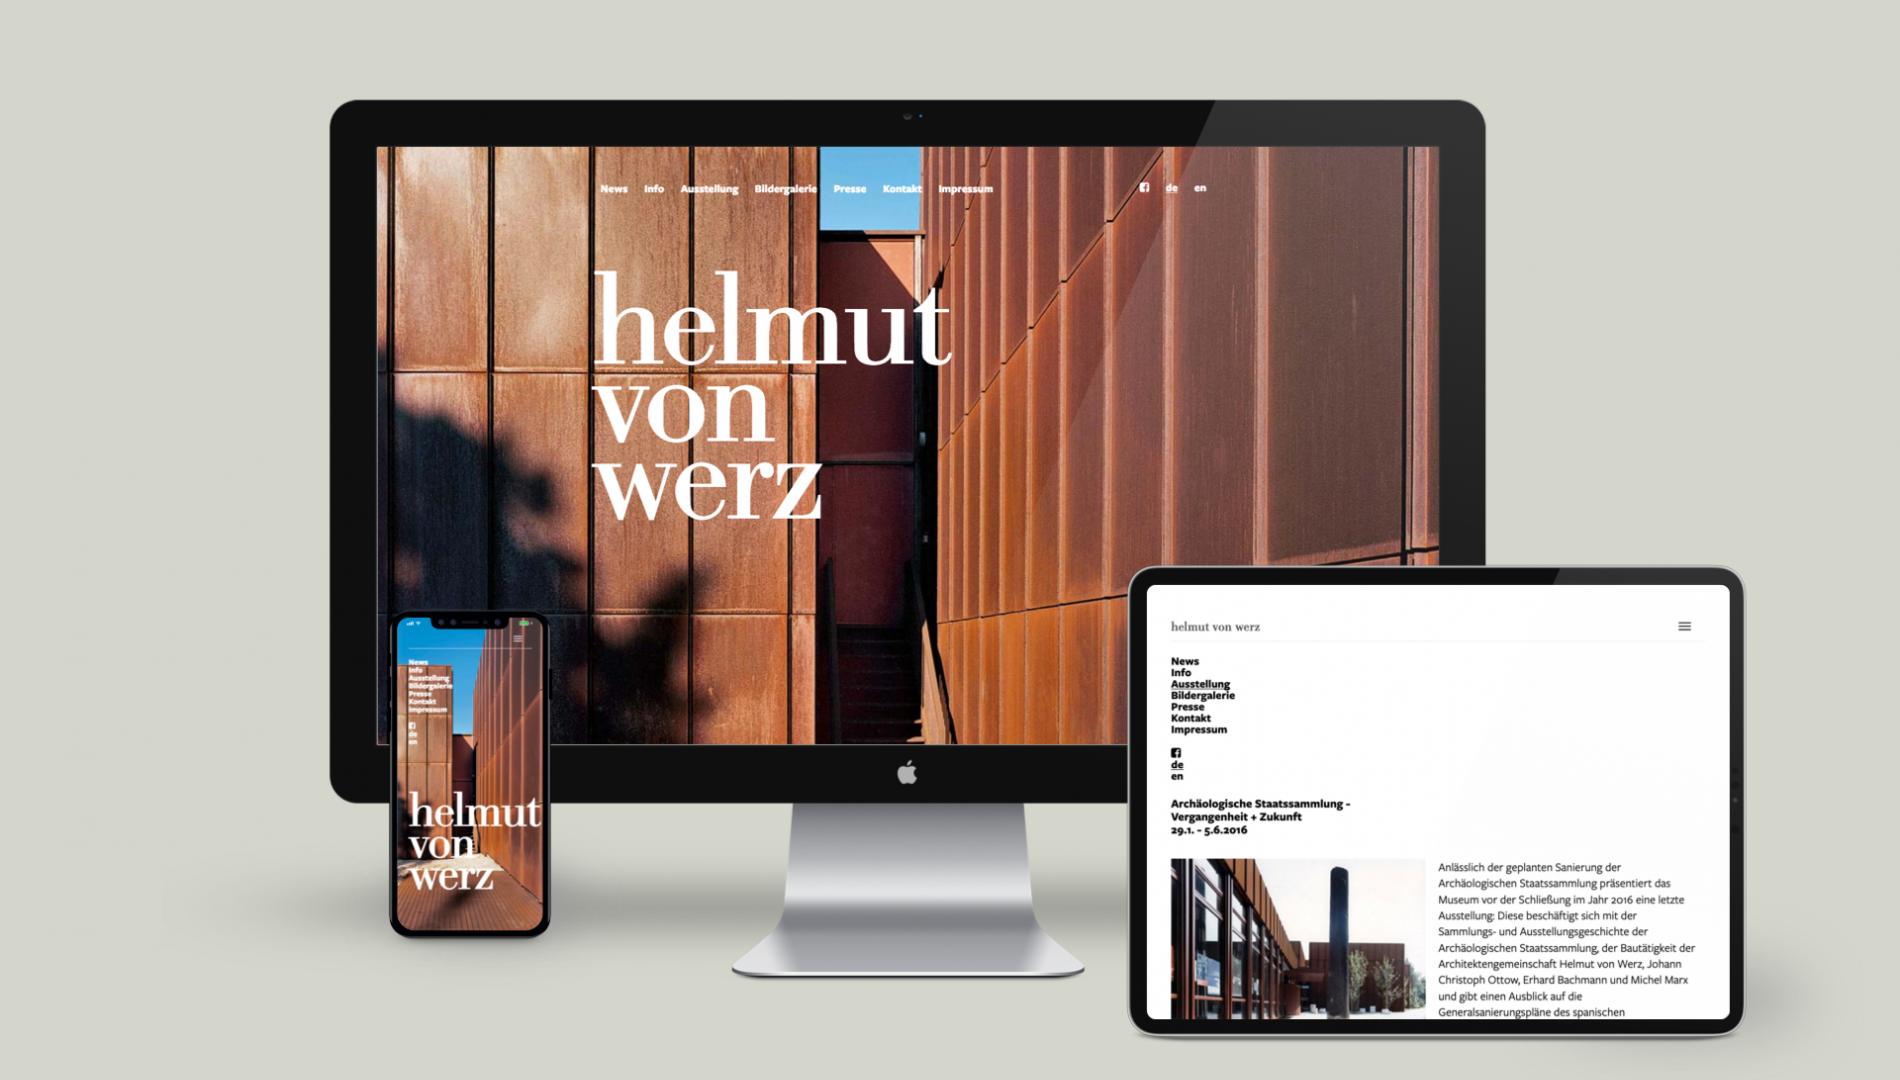 Moderner Internetauftritt mit Content-Management System responsive Webdesign von der Designagentur das formt aus München